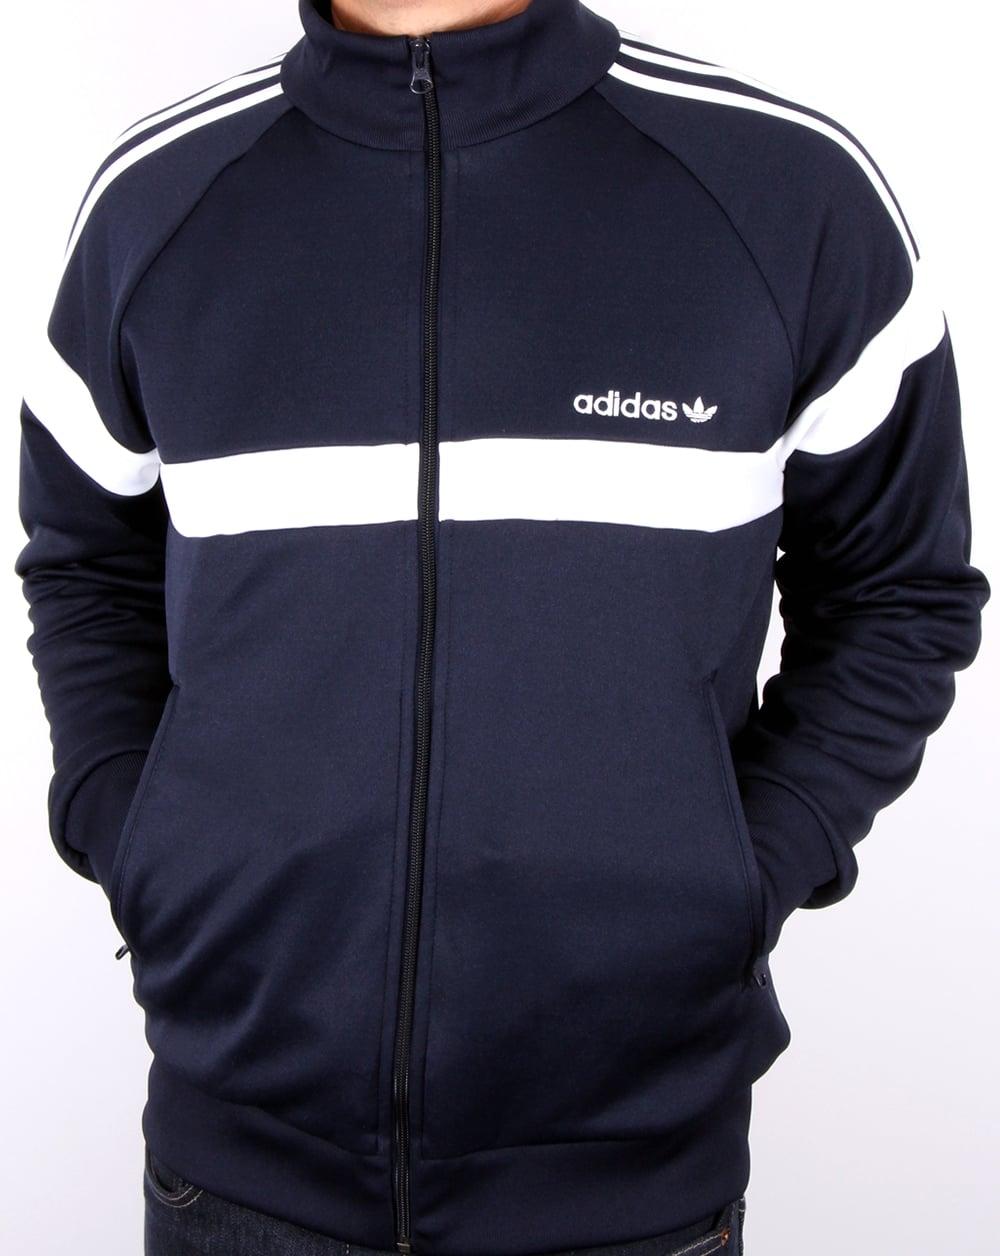 79825e886a1e Adidas Originals Itasca Track Top Navy, Men's